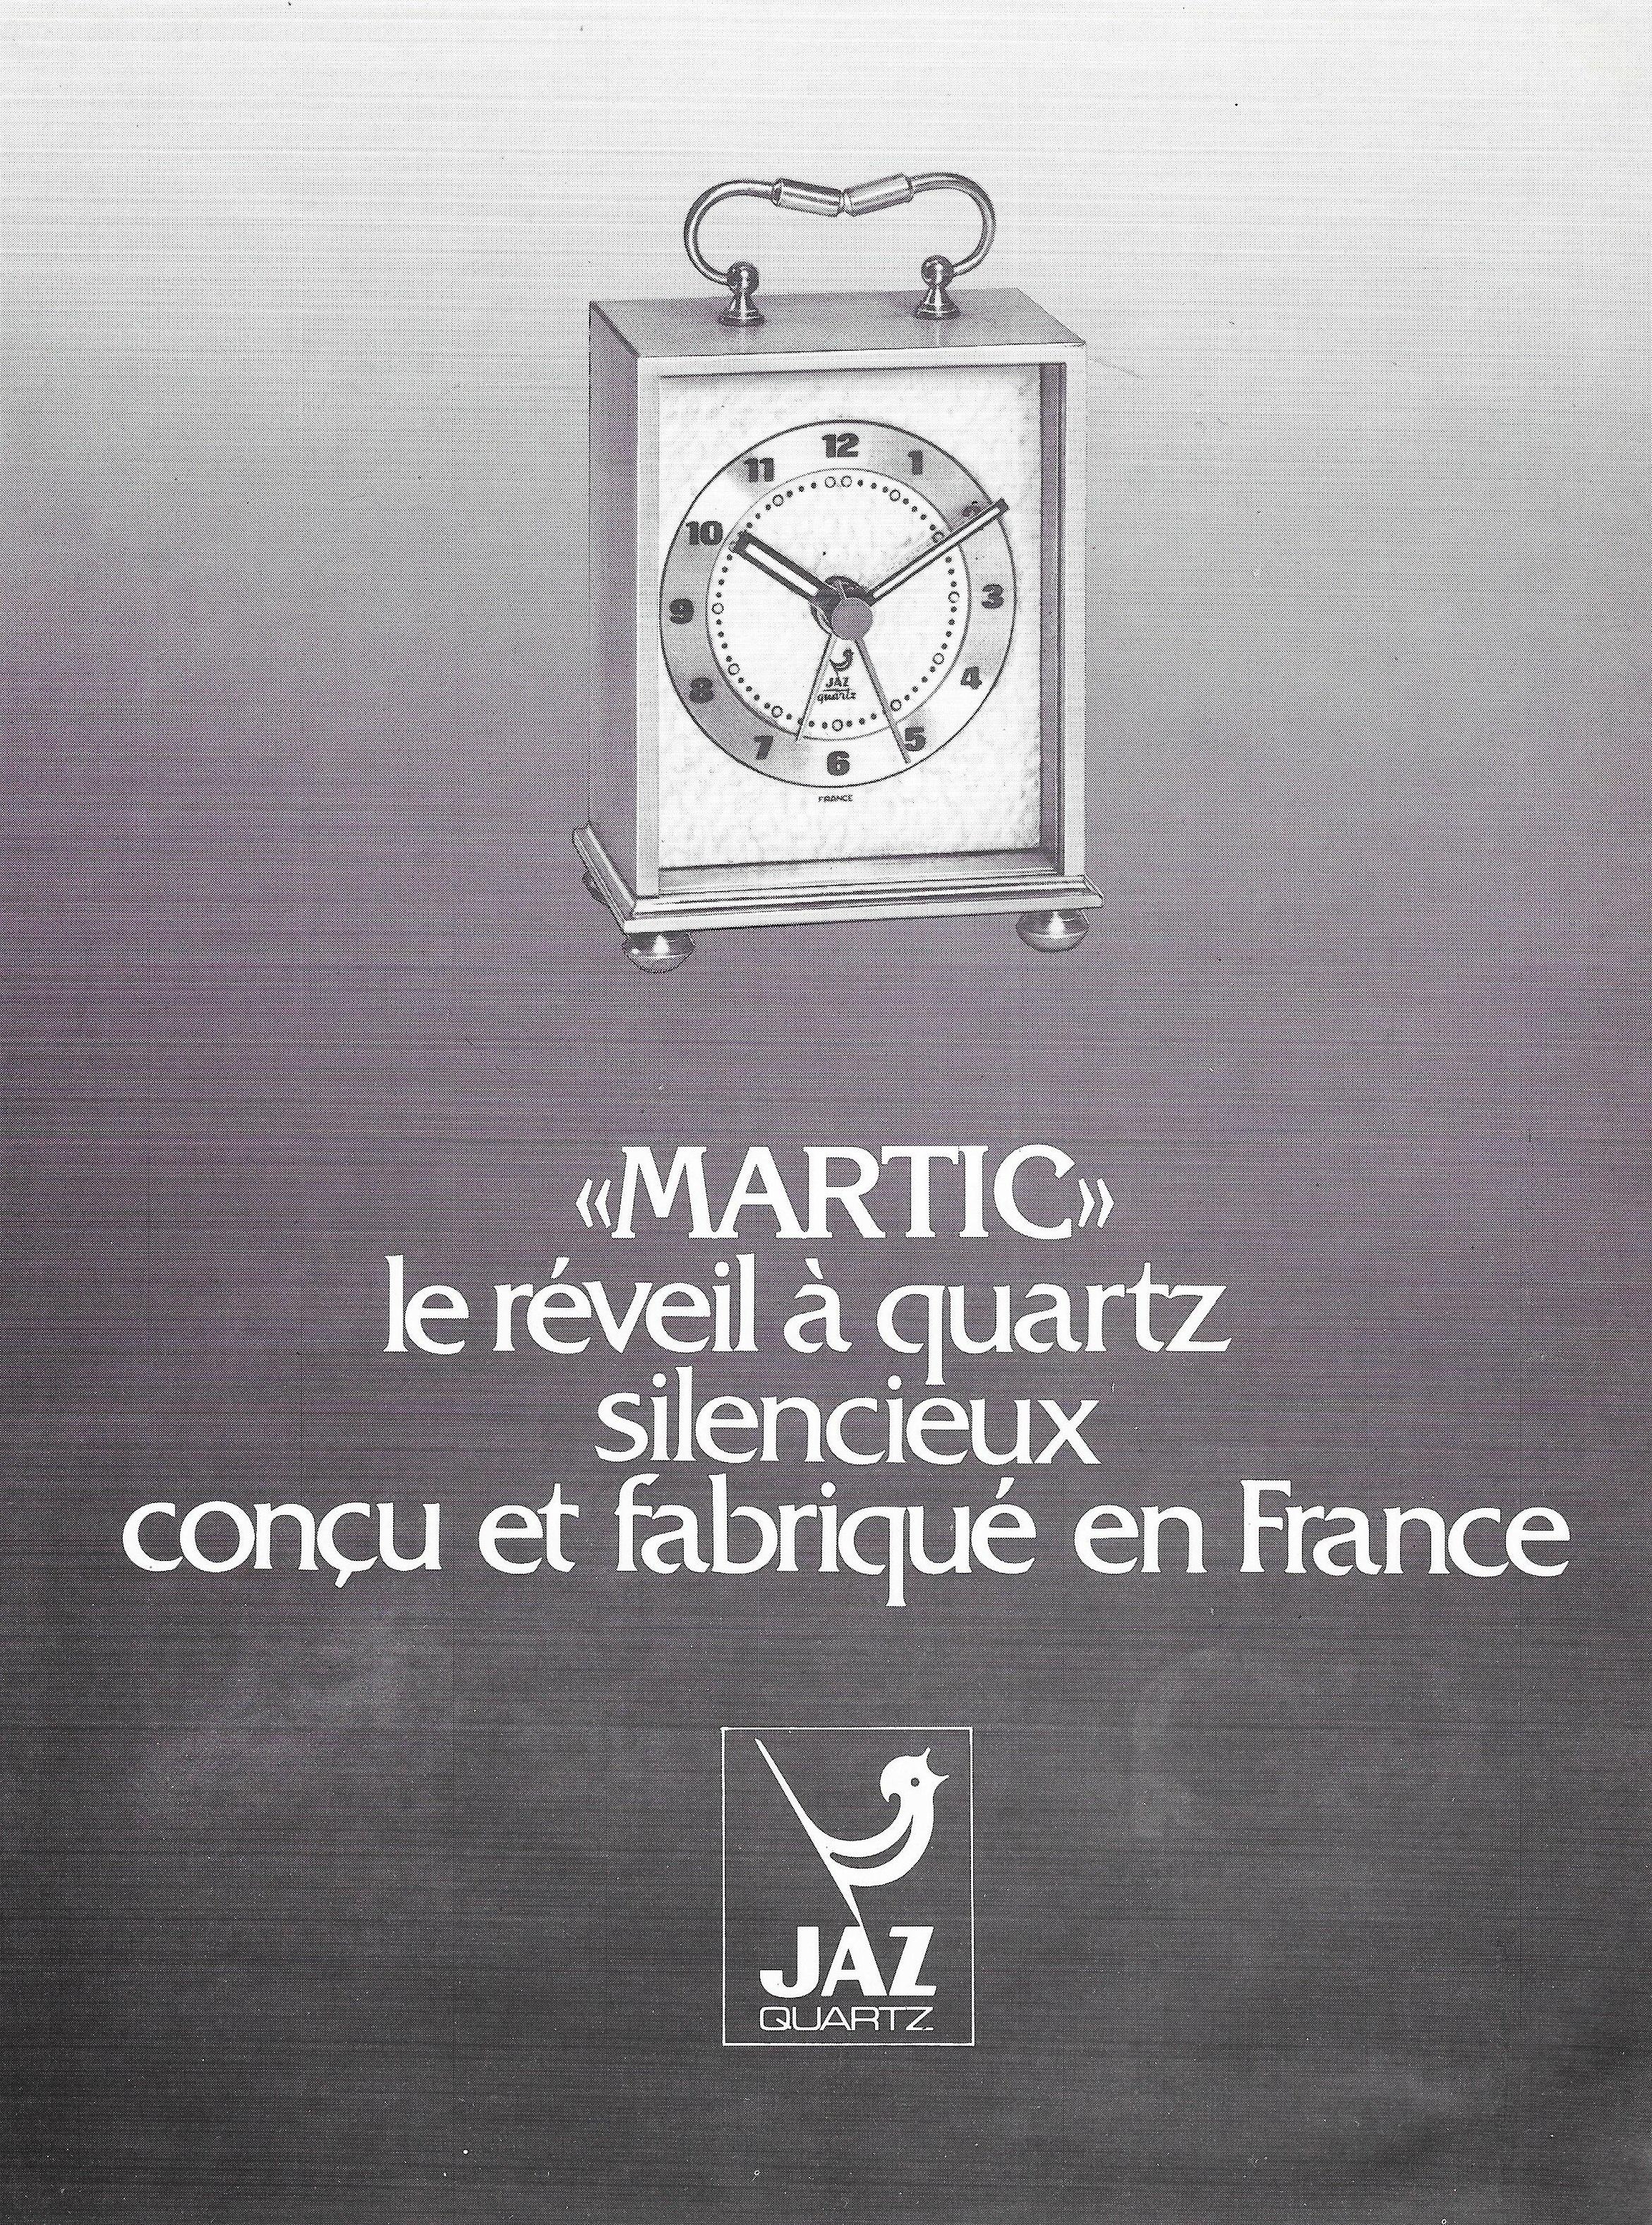 1978 La France Horlogère juin 1978 extrait